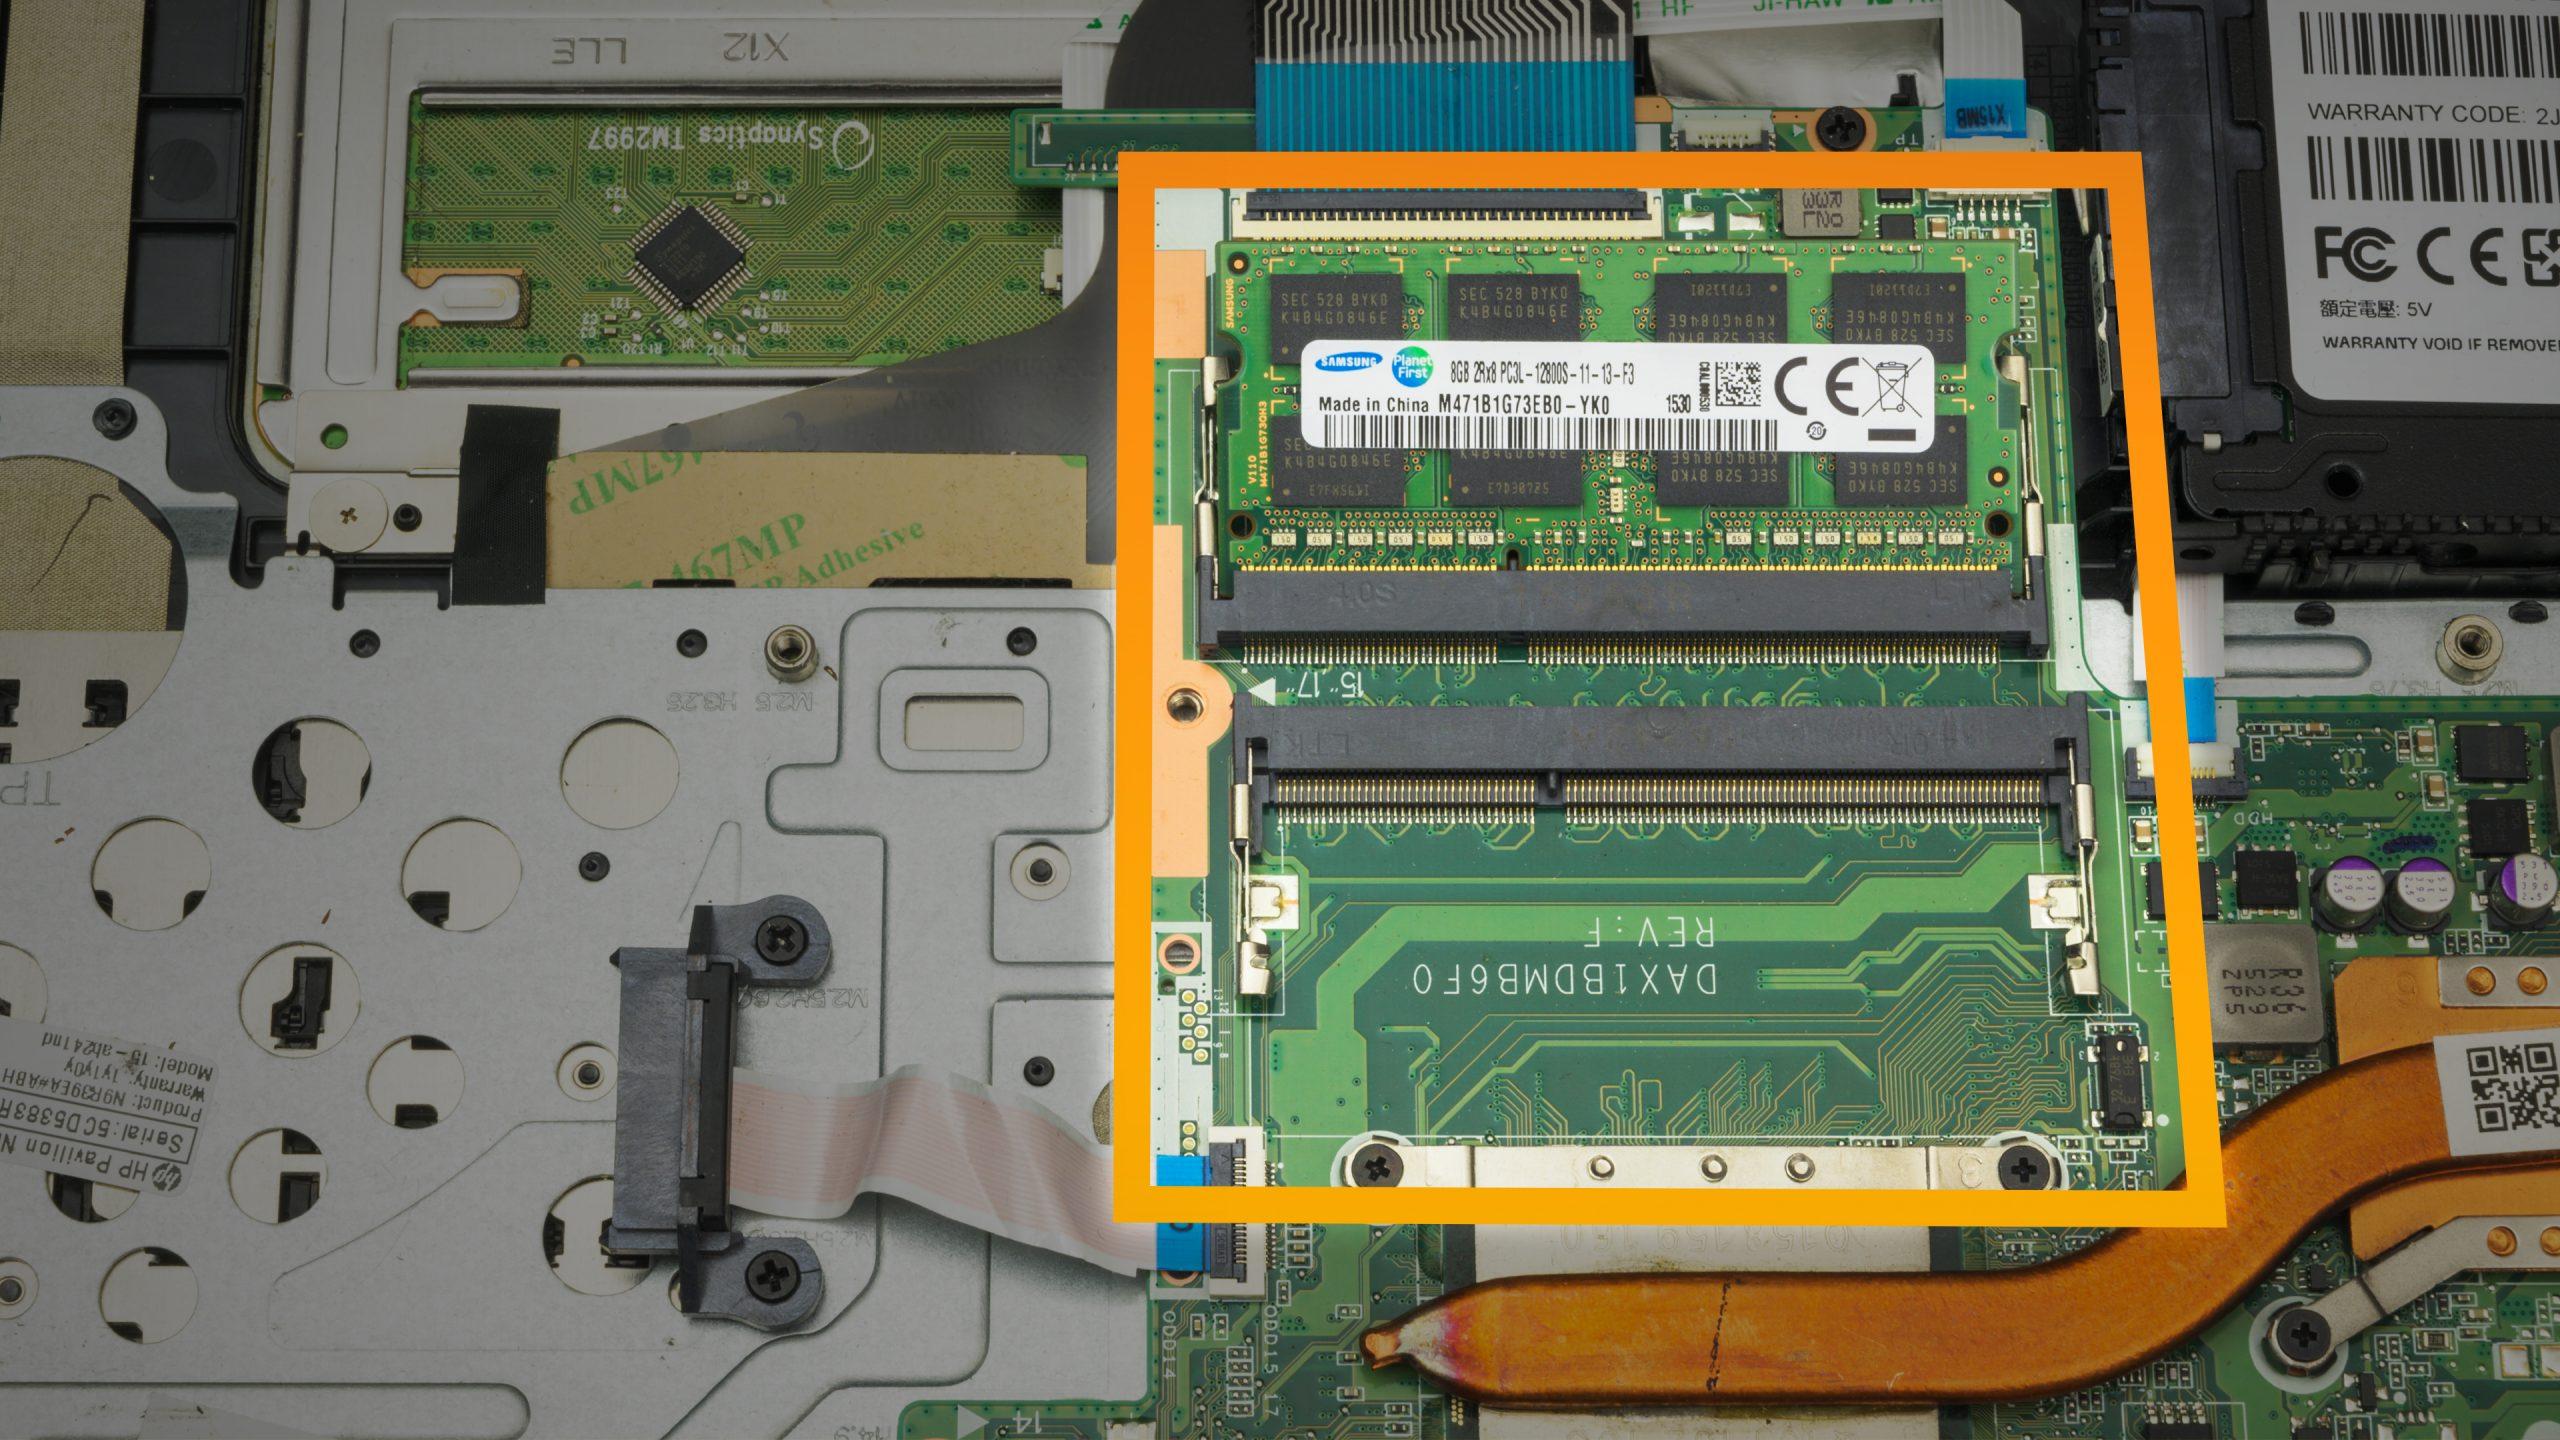 Close-up van de printplaat van een laptop, met daarop het werkgeheugen (en de slots daarvoor) uitgelicht.